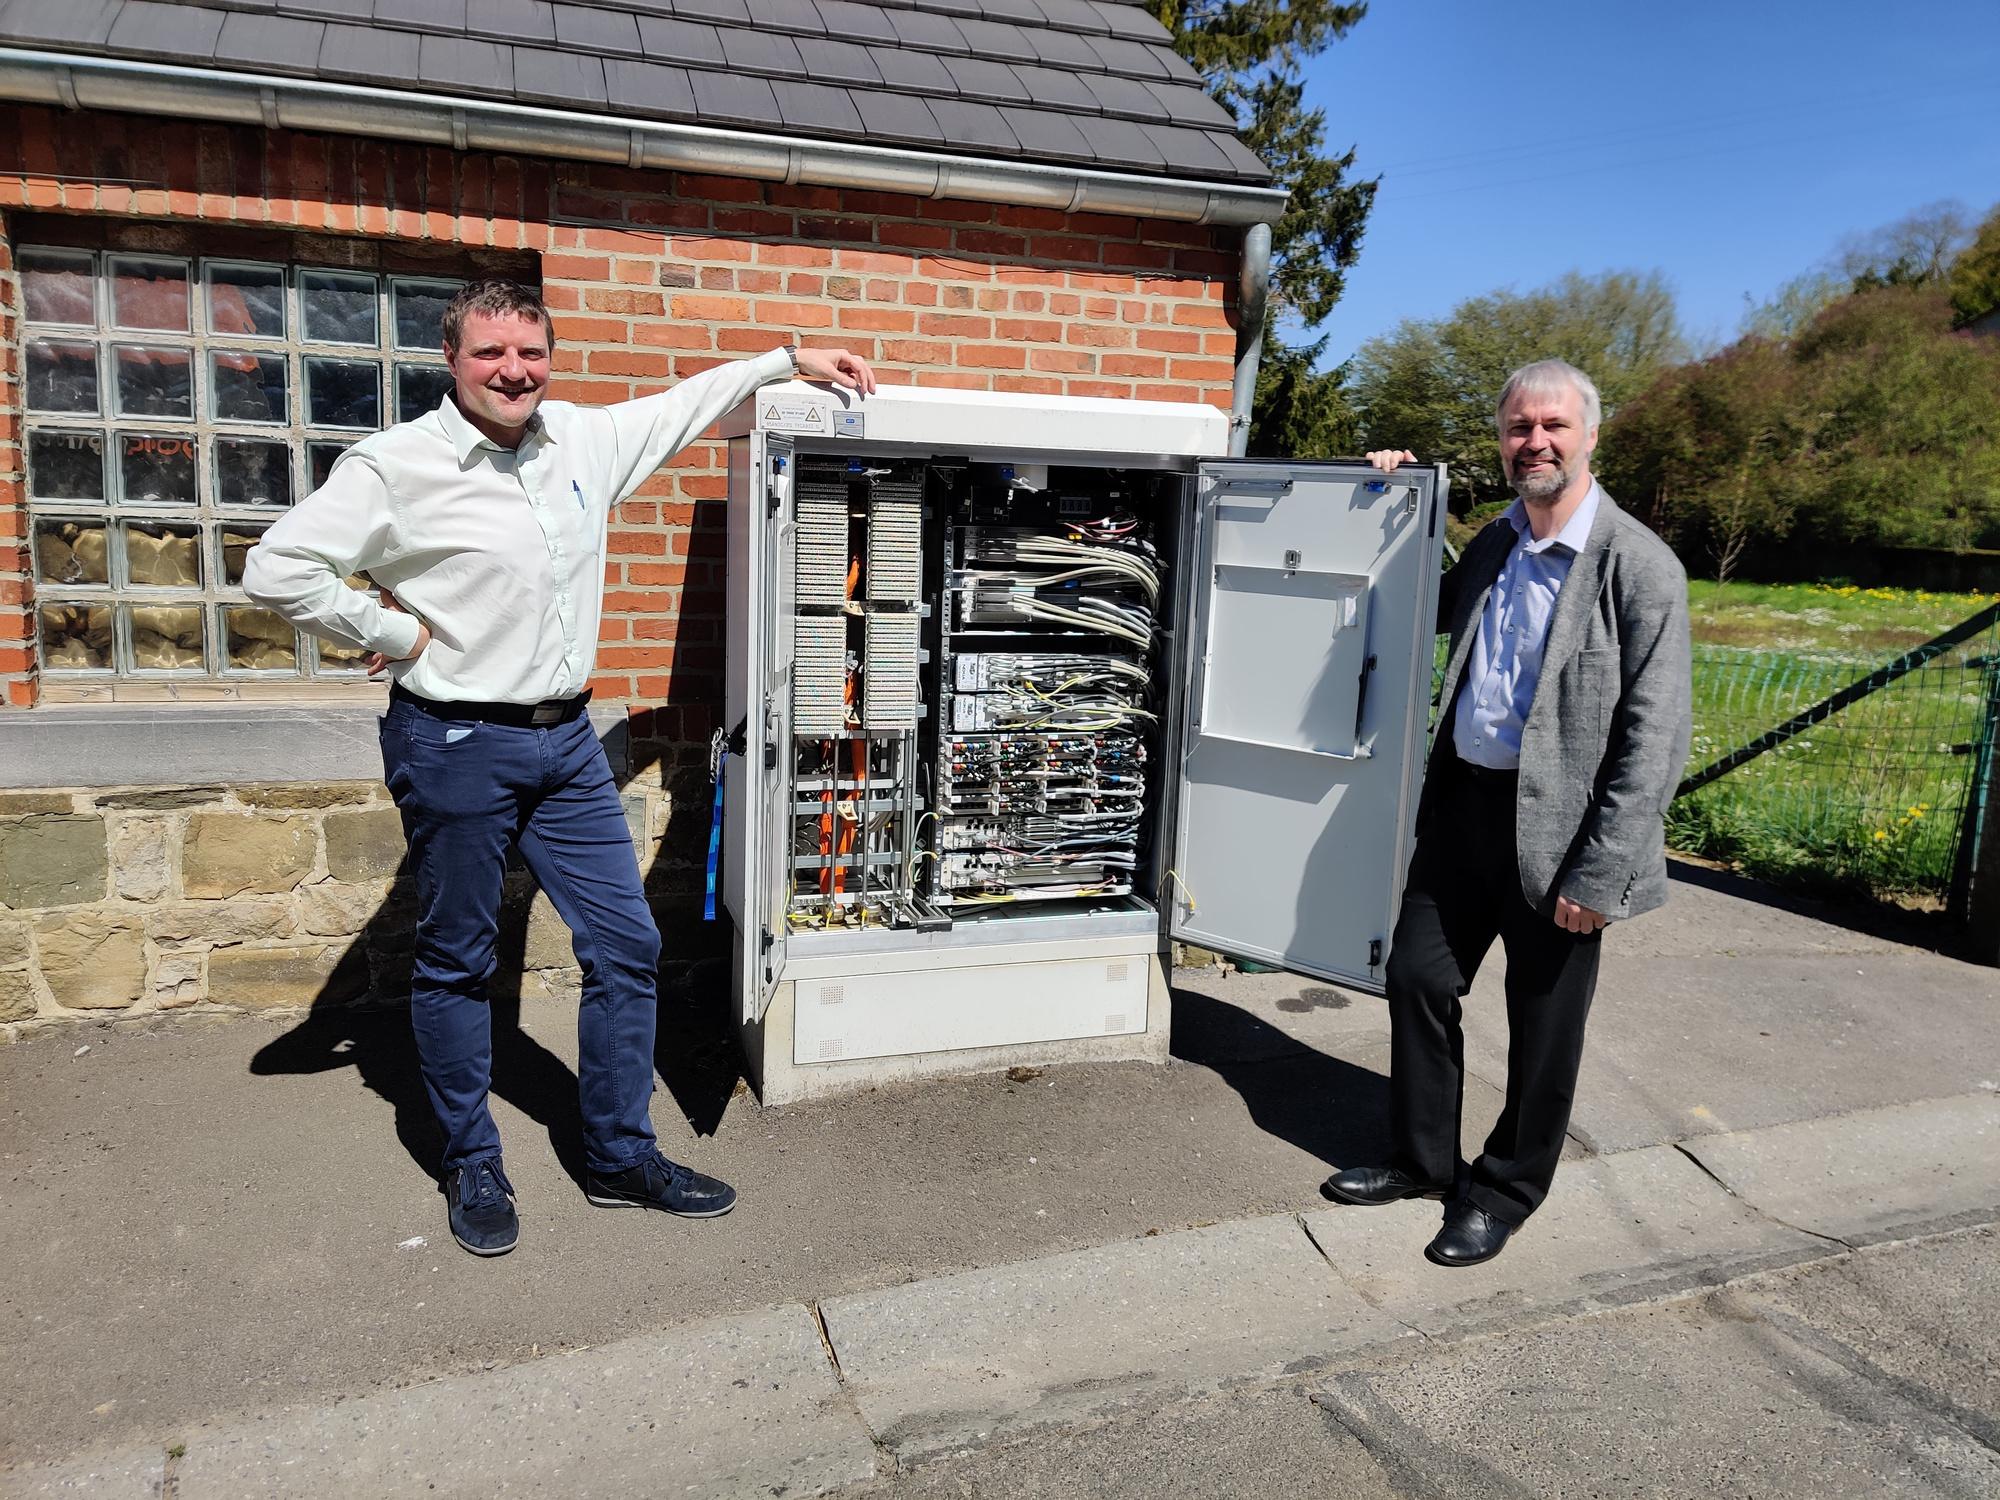 Patrick Delcoigne (Proximus) en Geert Heyninck (Nokia) tonen de eerste straatcabine in Andenne die is uitgerust met ultra dense vectoring., PVL